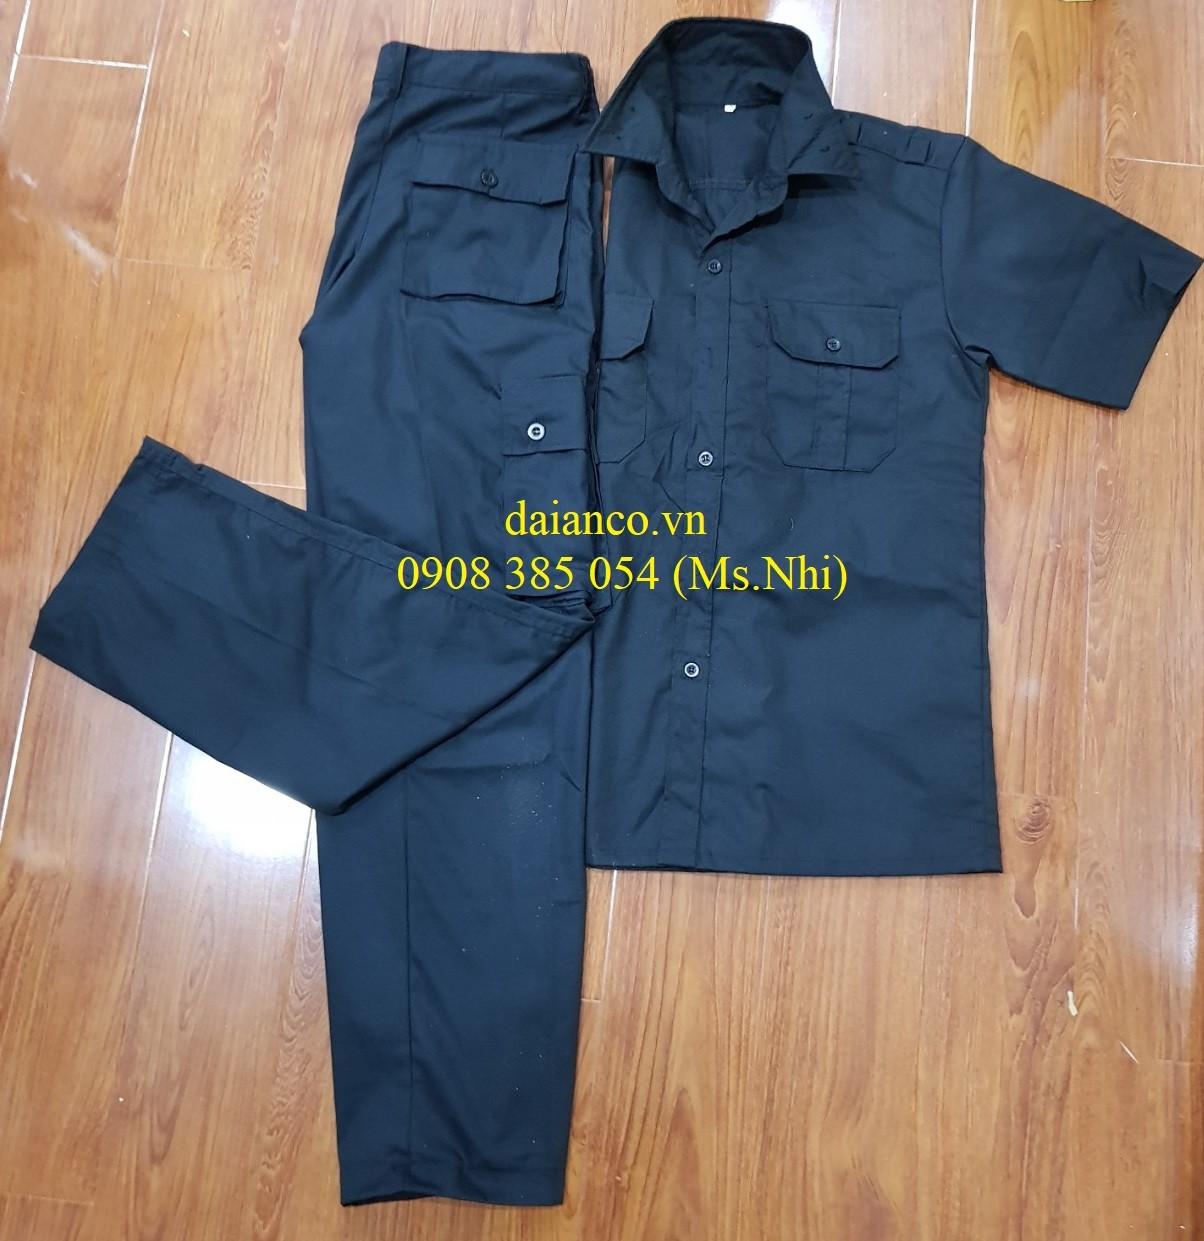 Giảm giá đồng phục vệ sỹ- bảo vệ màu đen, vải thoáng mát, kiểu dáng sang trọng- Hình thật, có sẵn